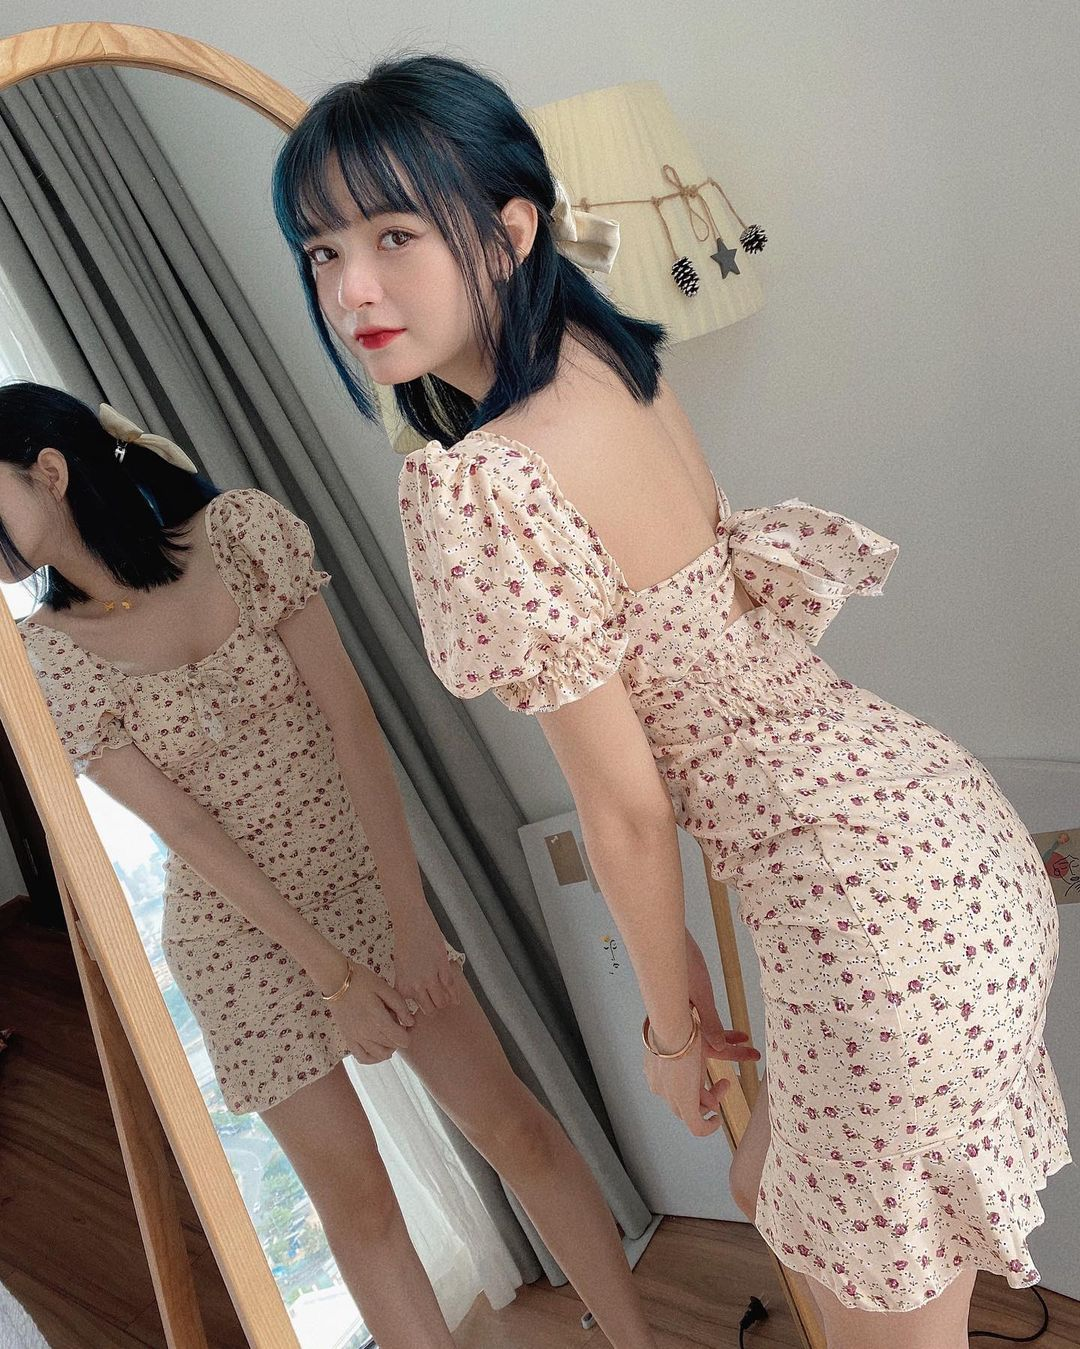 Chỉ từ 240k sắm váy hở lưng xinh yêu sexy lại mát rượi chấp hết nắng nóng Sài Gòn - Ảnh 2.